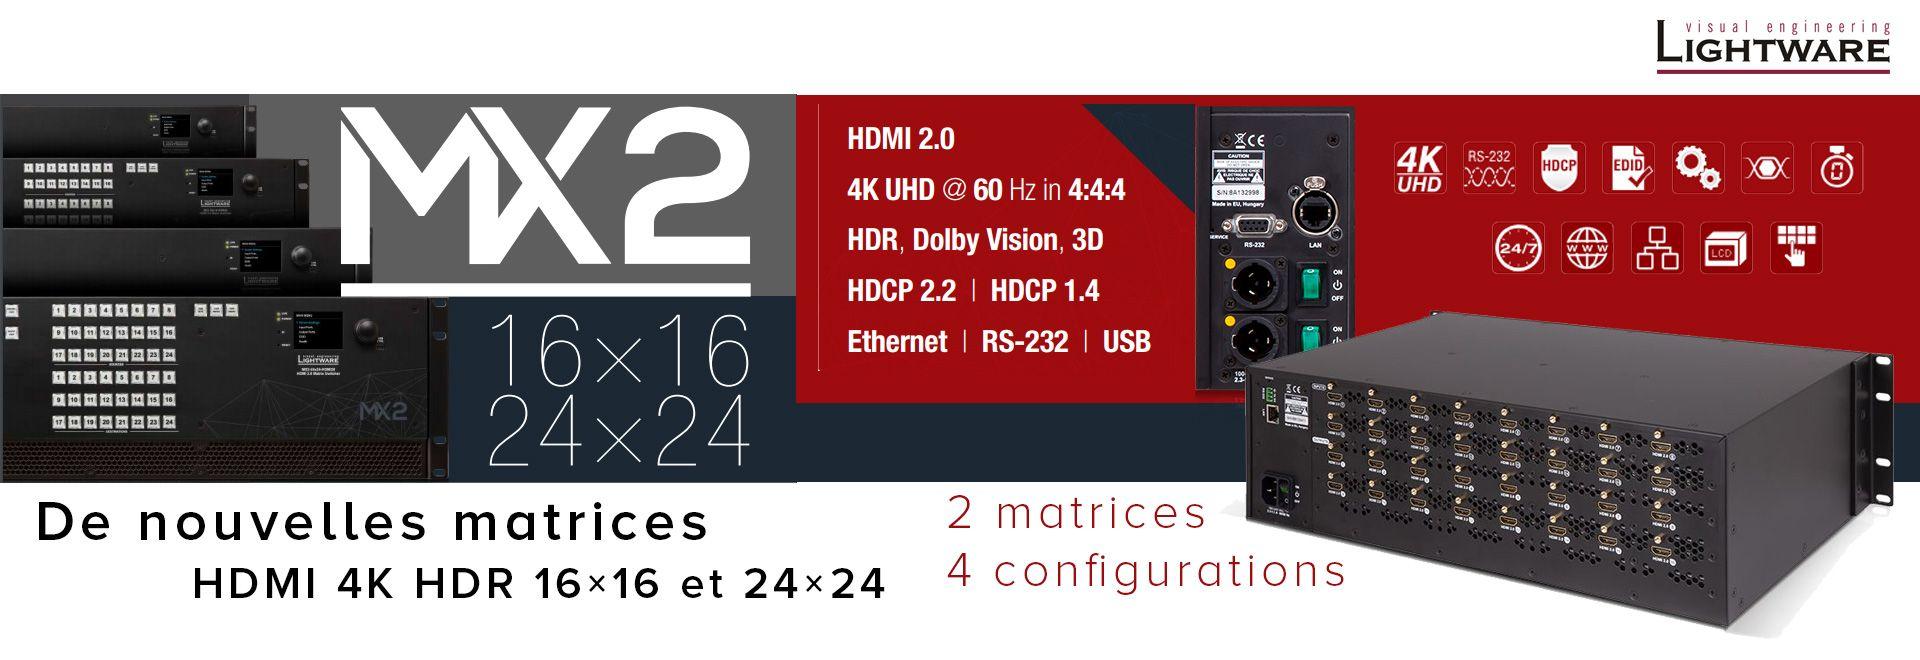 De nouvelles matrices HDMI 4K HDR 16×16 et 24×24 chez Lightware